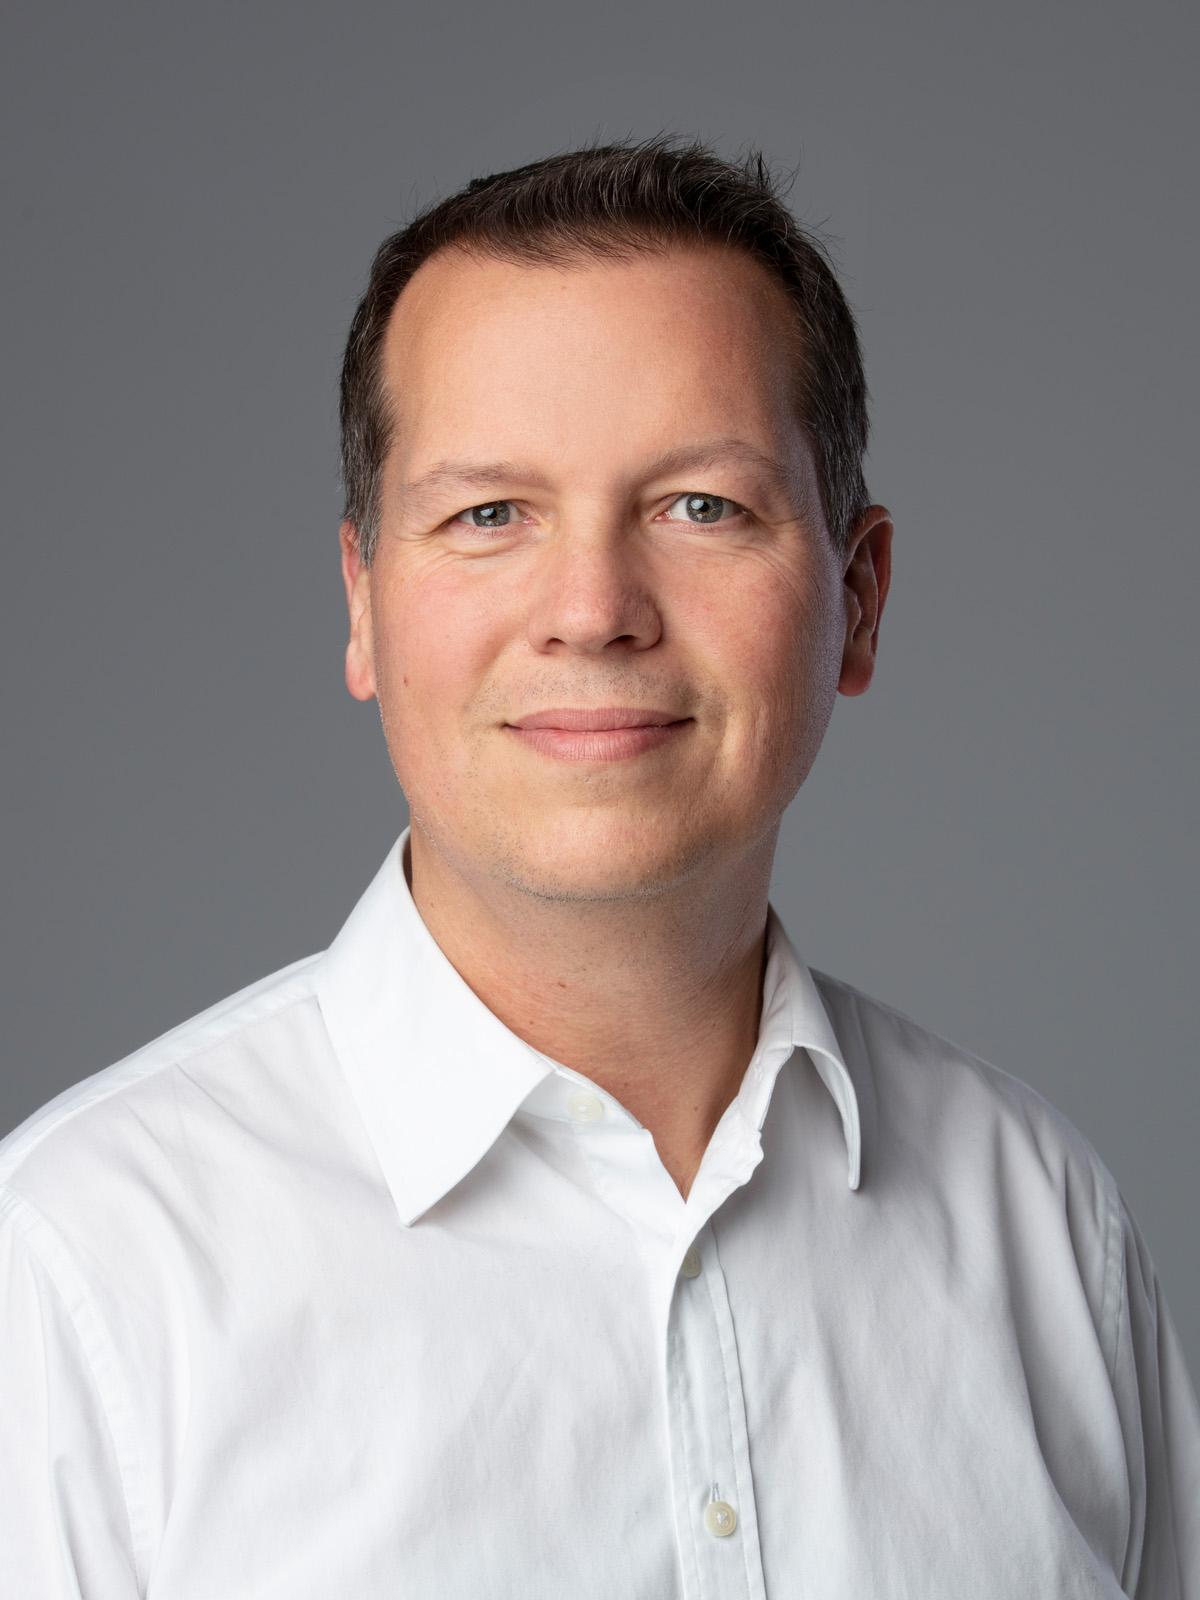 Nicolas Schaettel